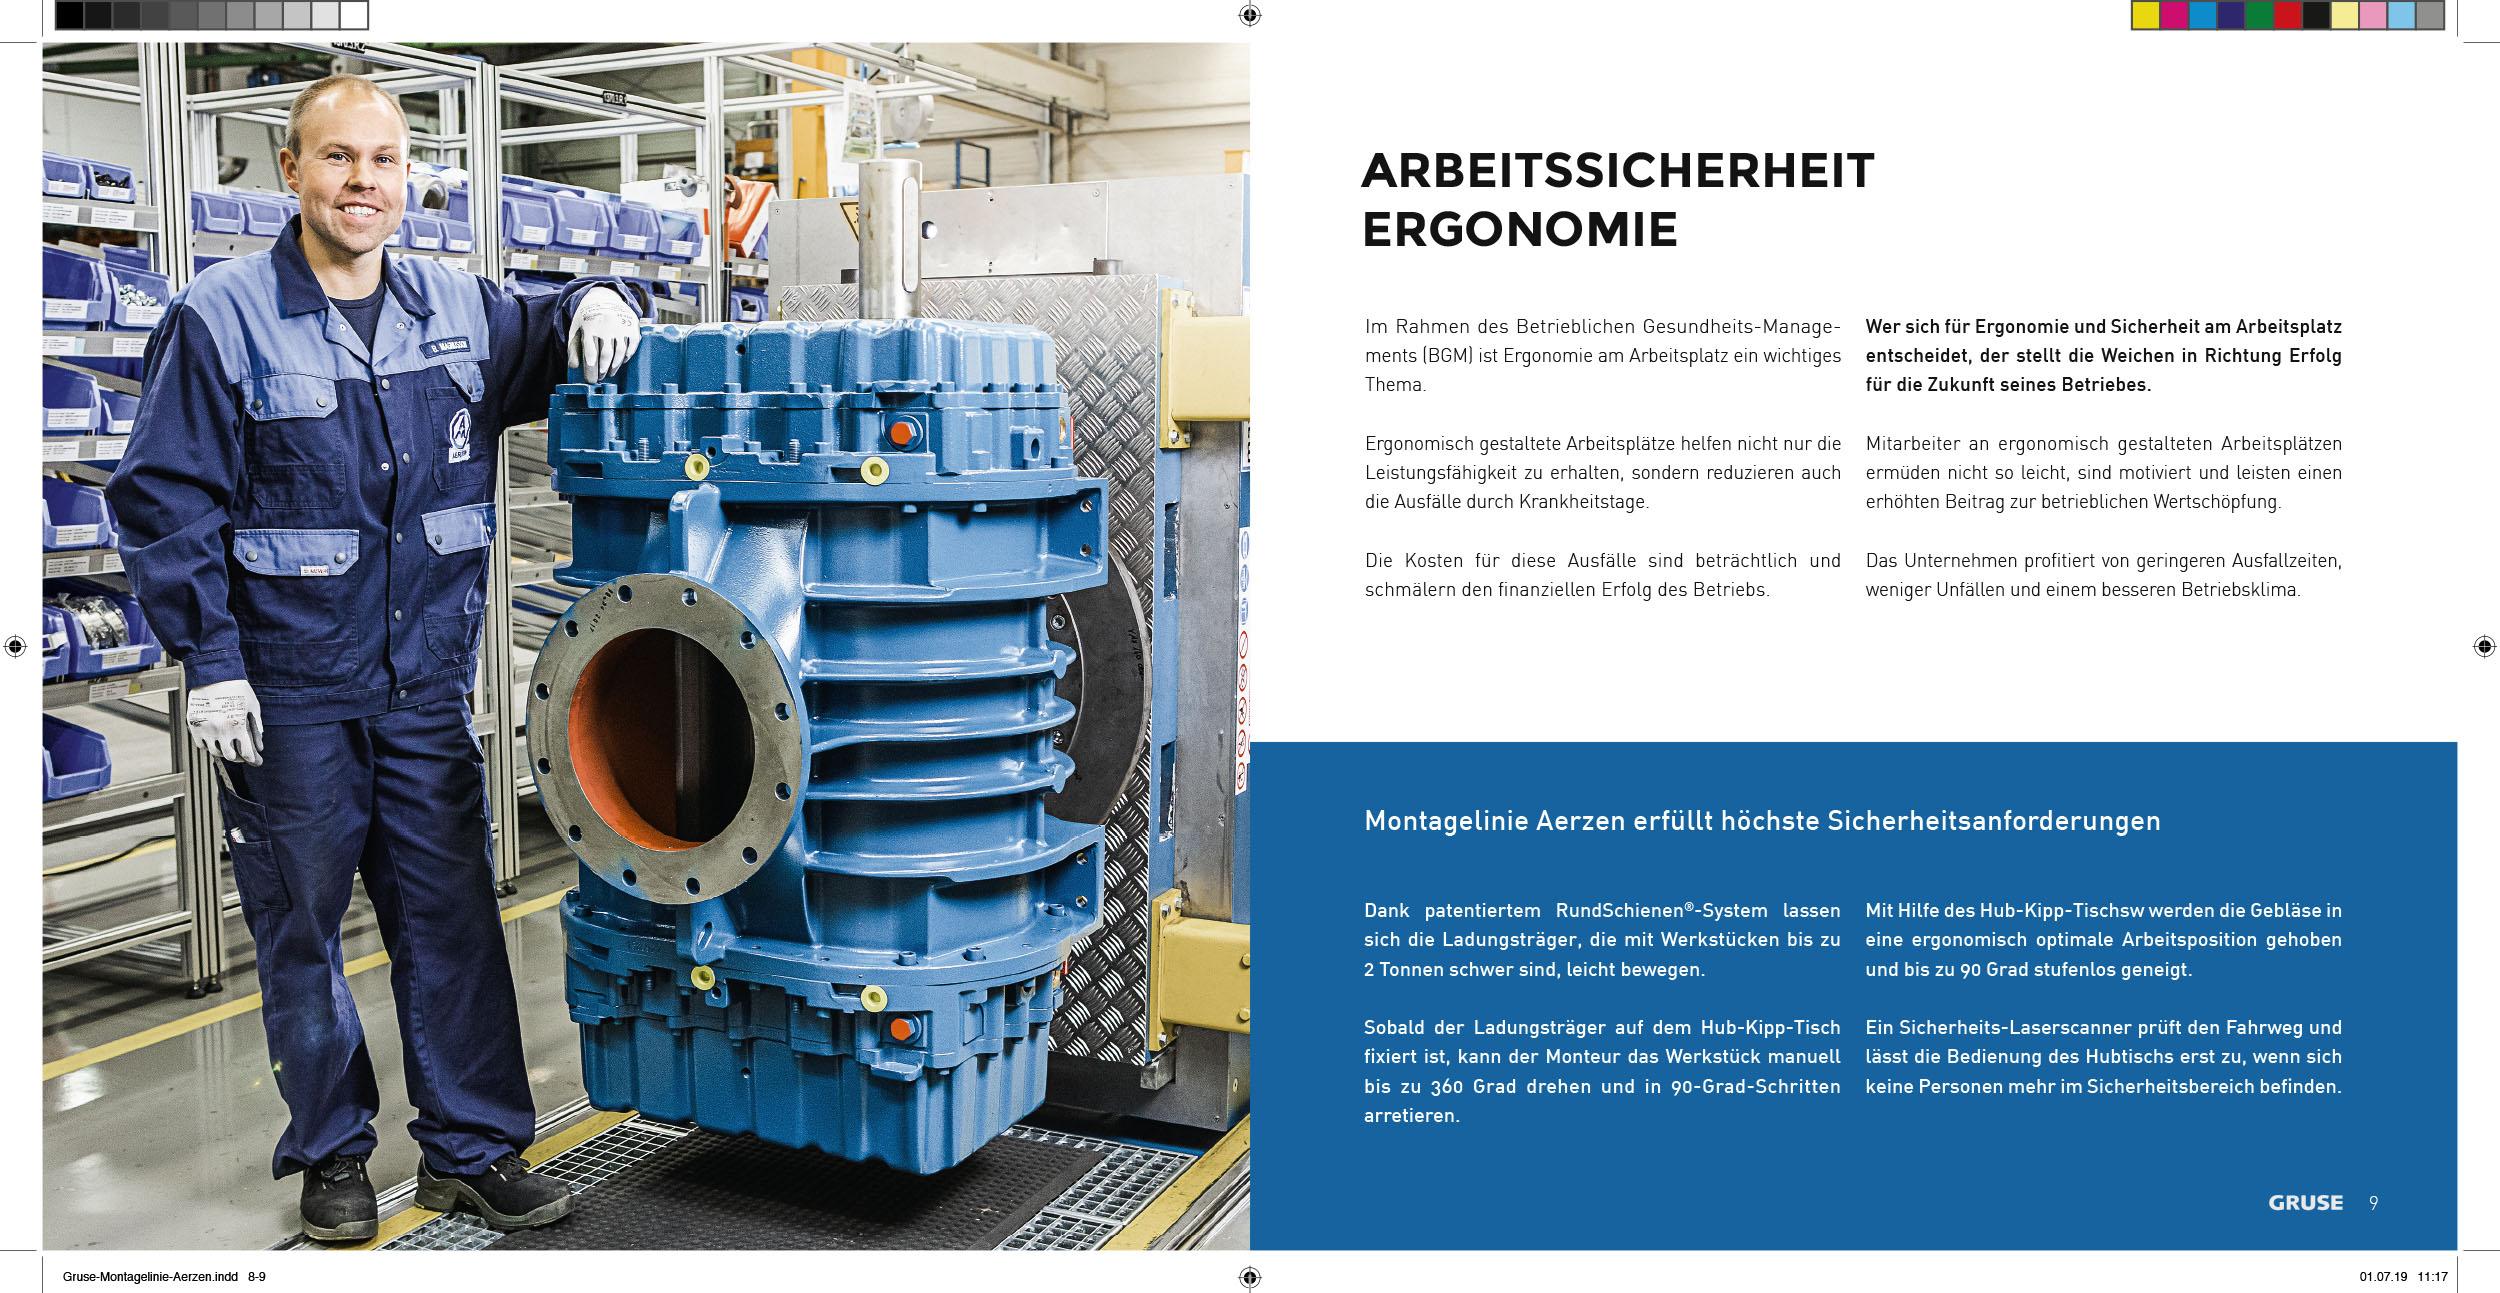 Domaene-zwei-Montagelinie_08-09.jpg